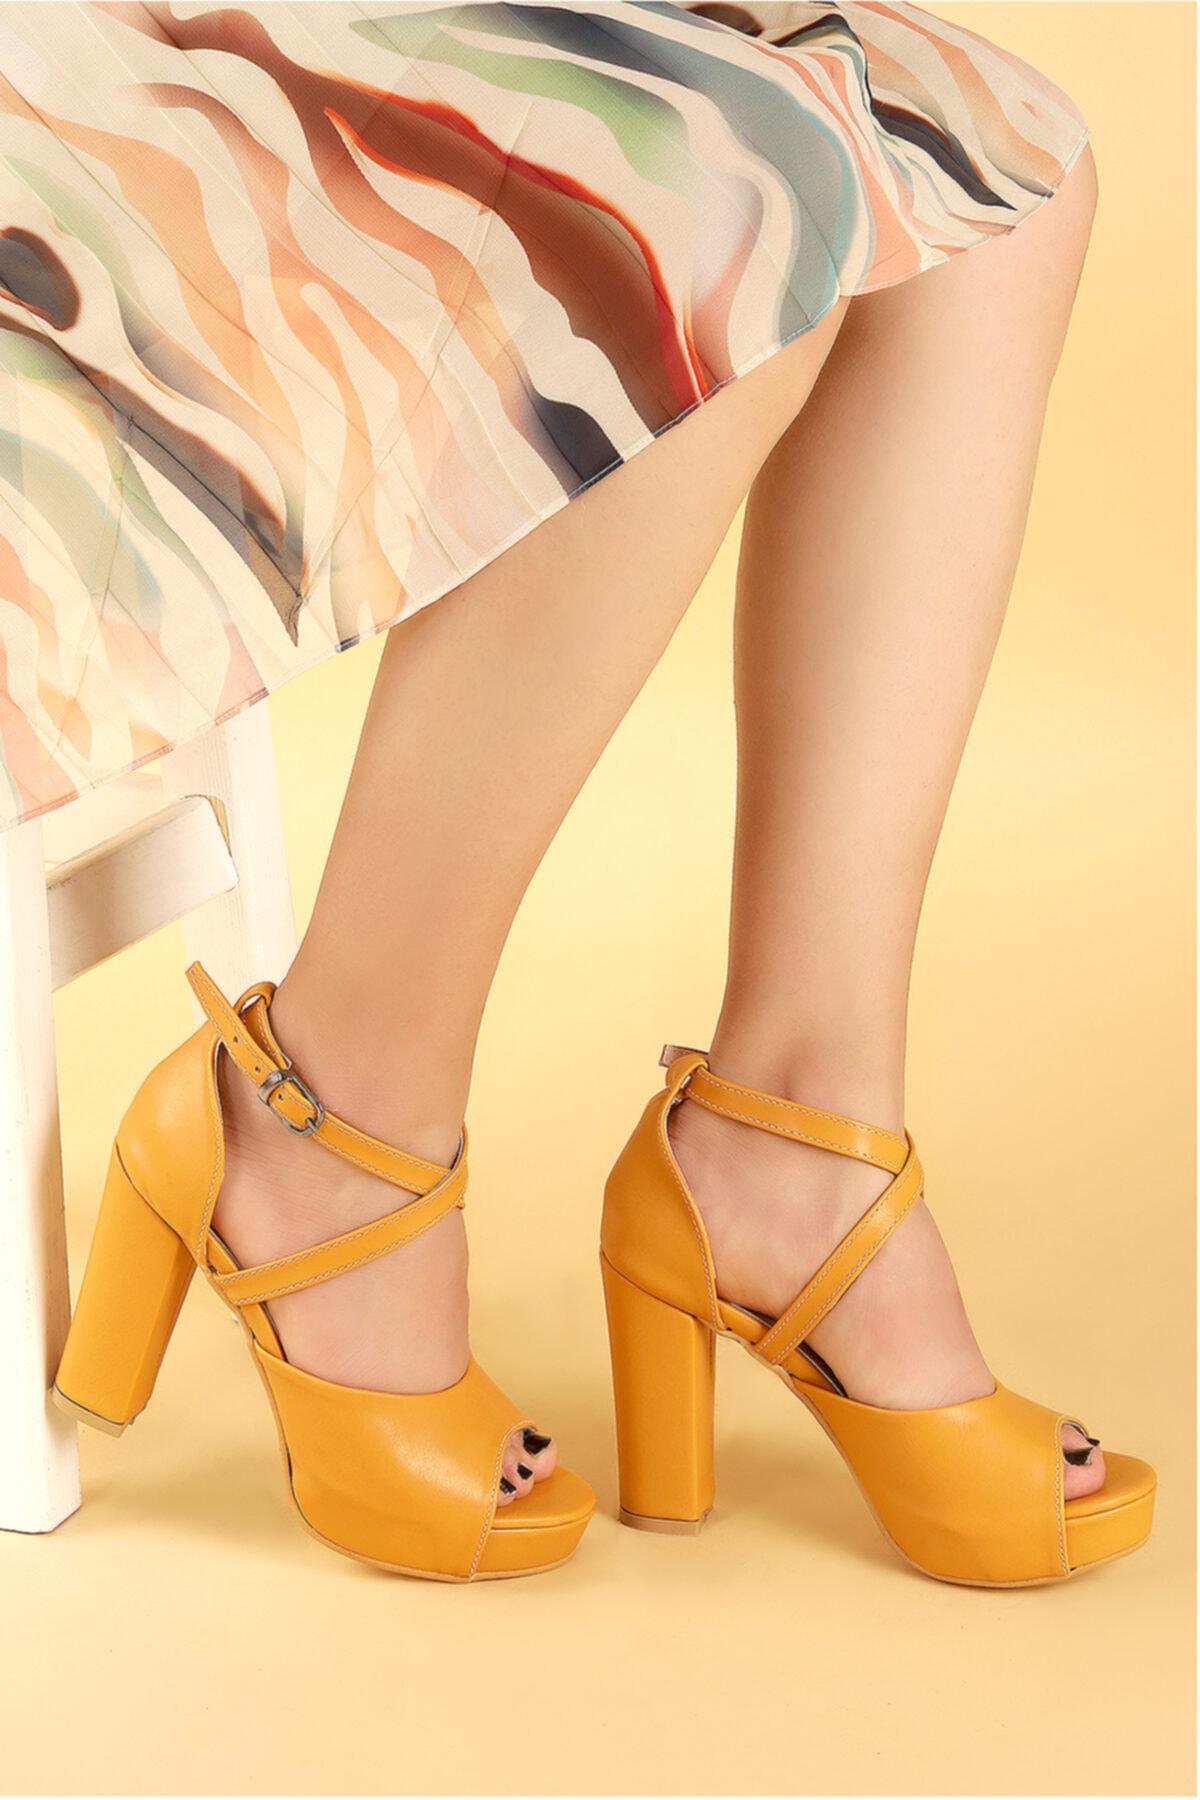 Ayakland Kadın Hardal Platform Topuklu Ayakkabı 11 cm 3210-2058 2